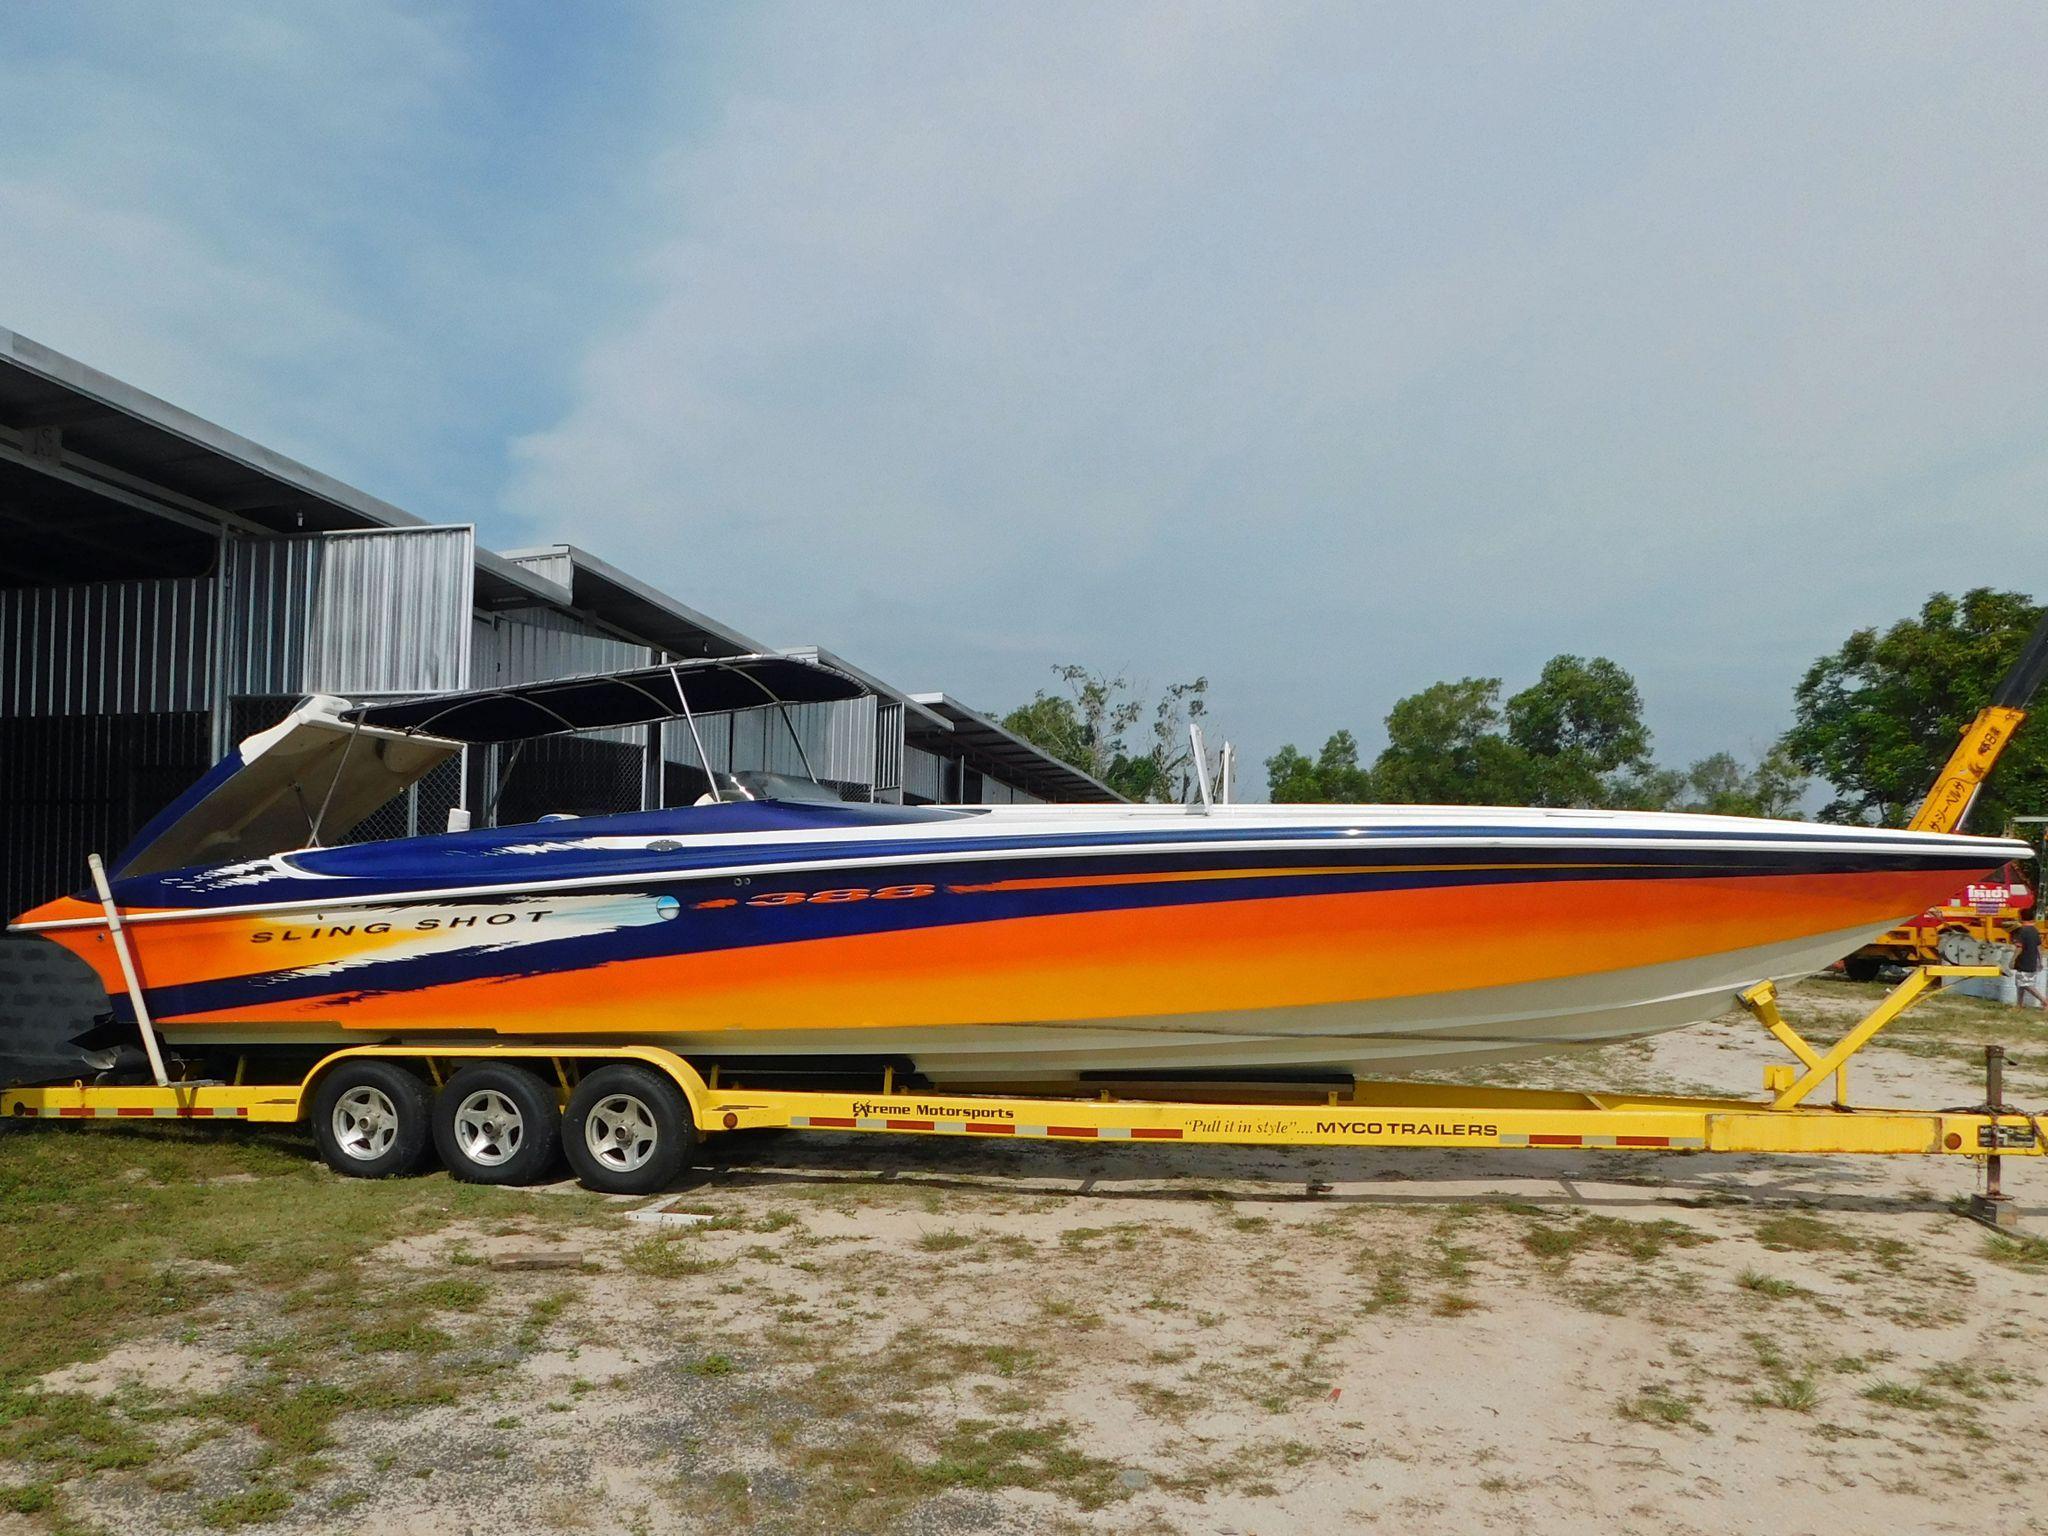 Slingshot Hustler Boat - Hot Nude-6421